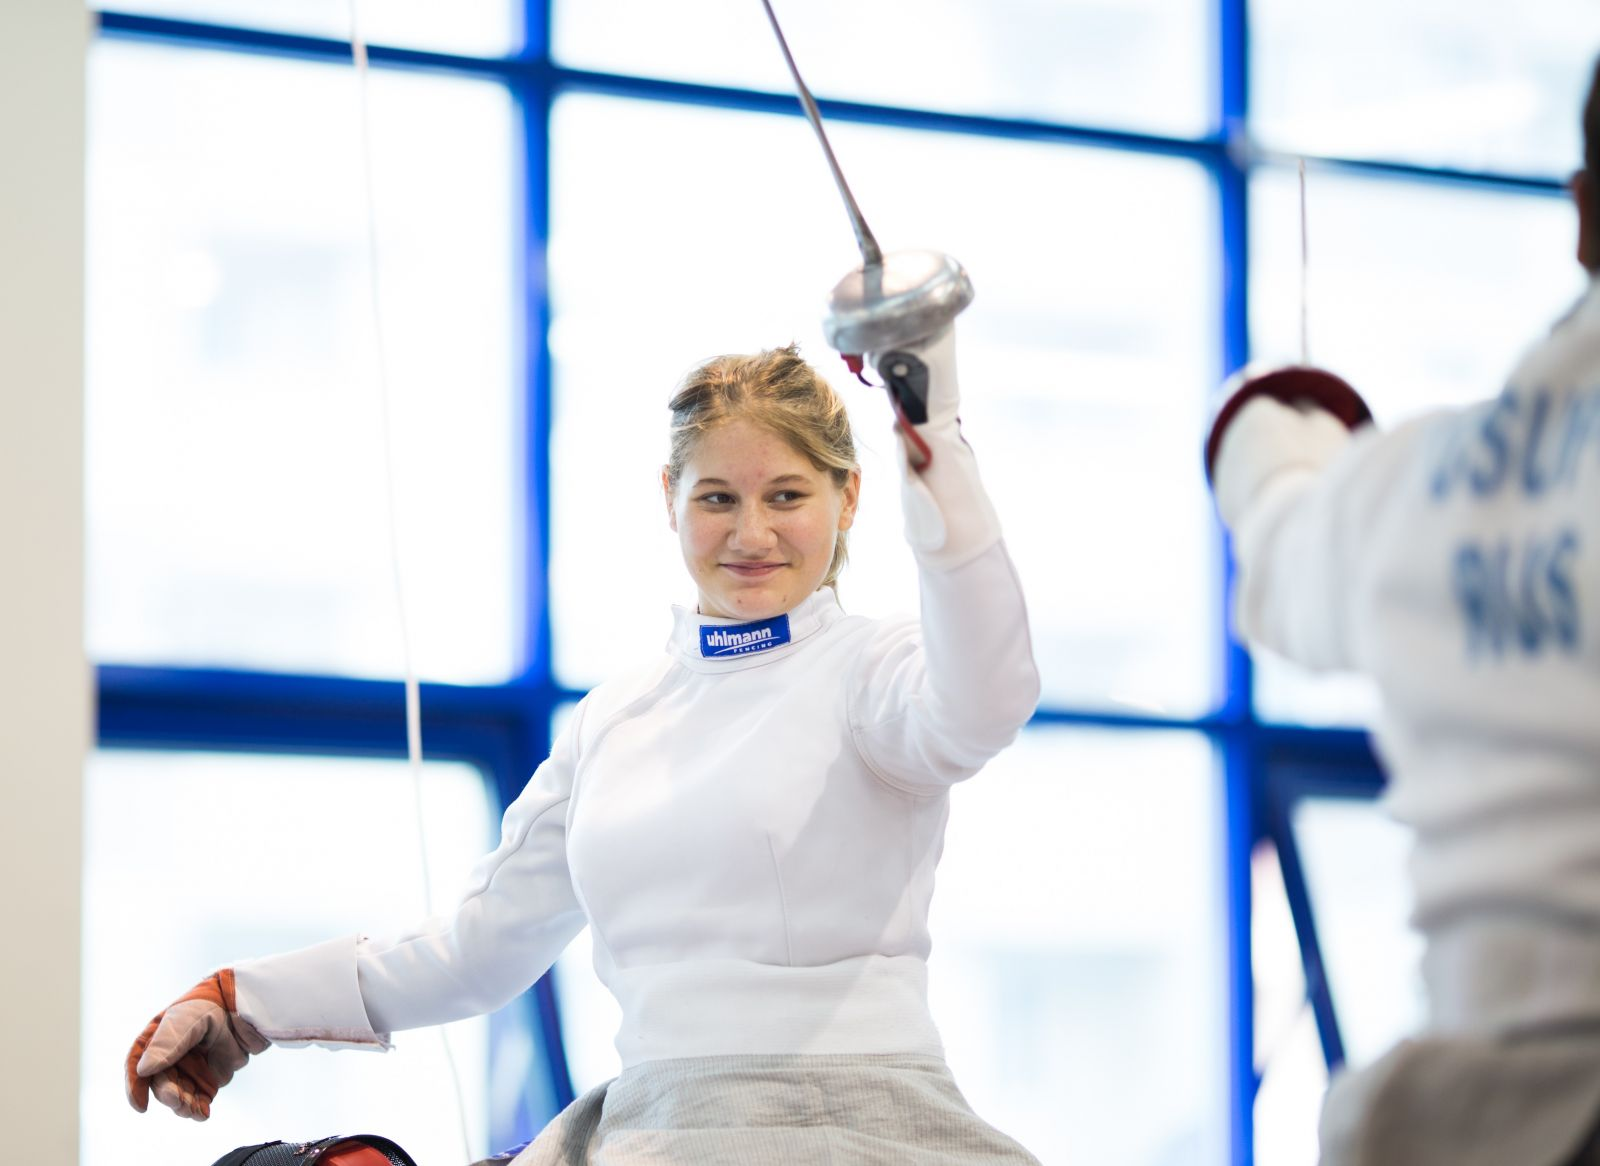 Алена Евдокимова завоевала бронзовую медаль во второй день чемпионата мира по фехтованию на колясках в Корее